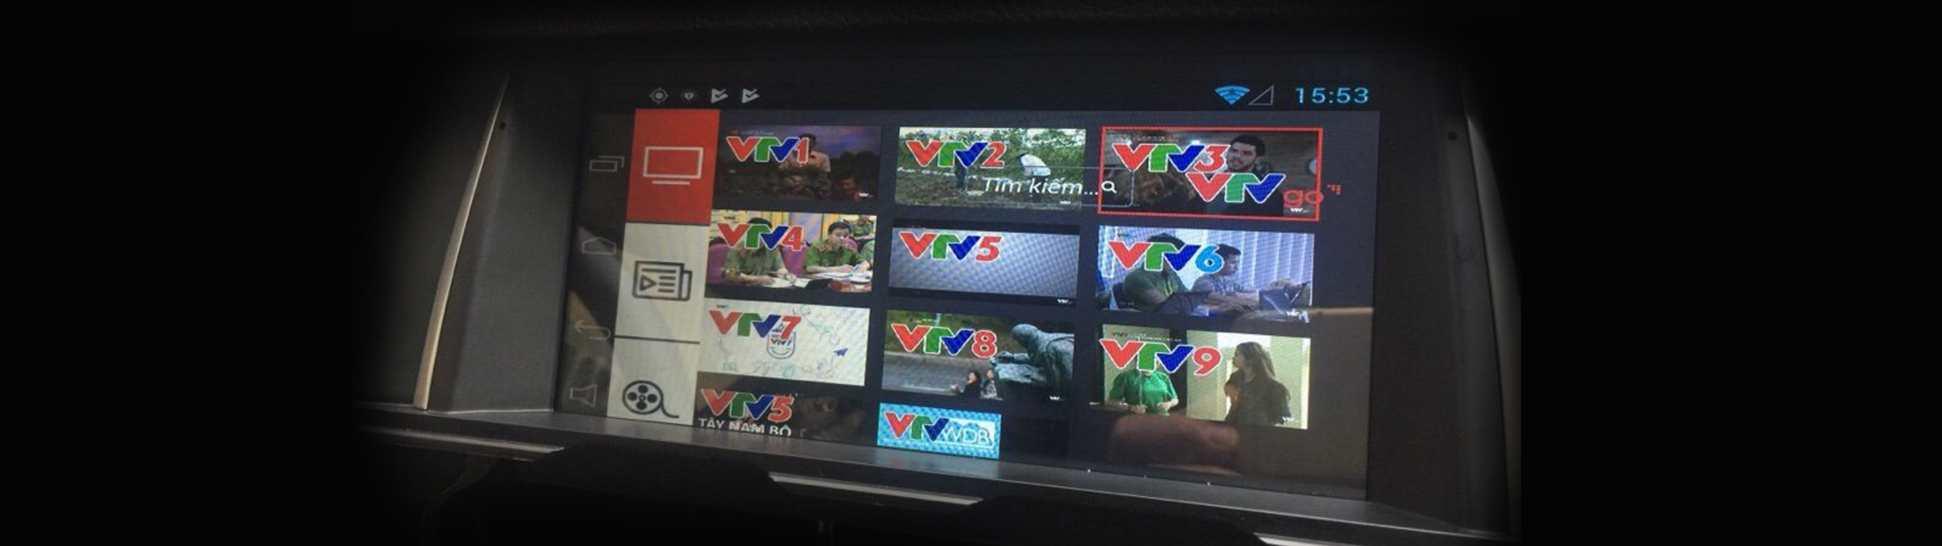 Banner màn hình ô tô 2